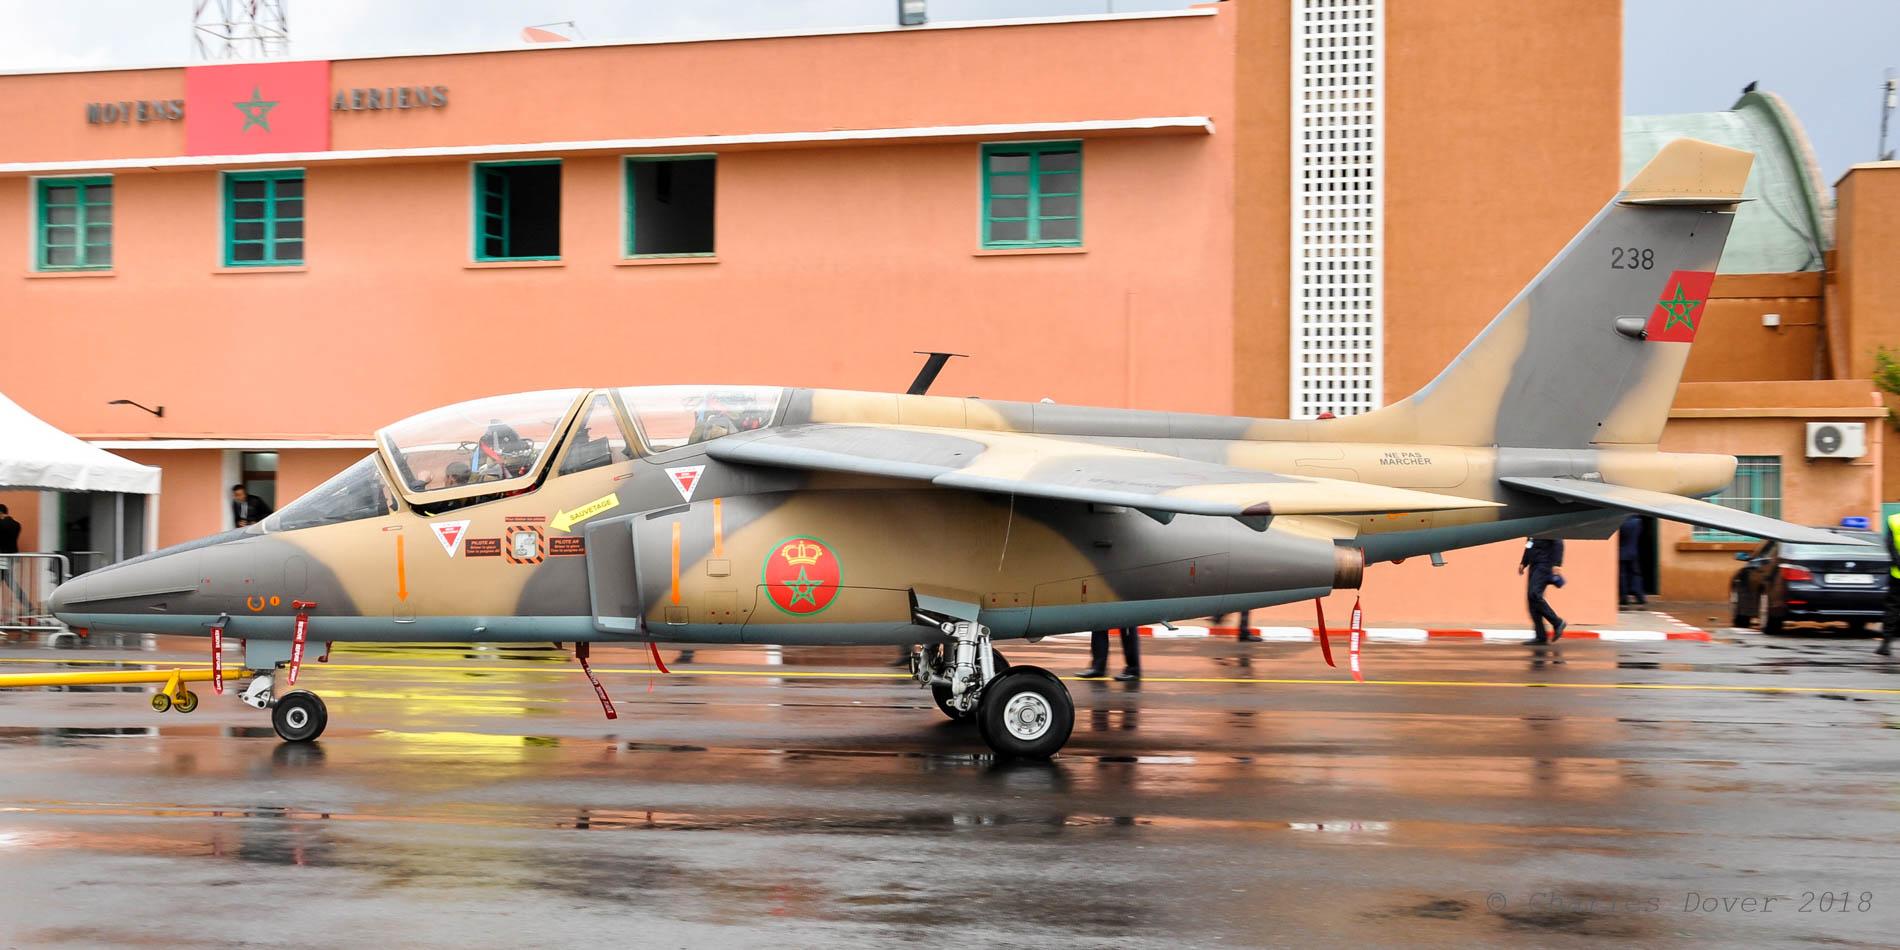 FRA: Photos avions d'entrainement et anti insurrection - Page 9 45108000304_195fbceb65_o